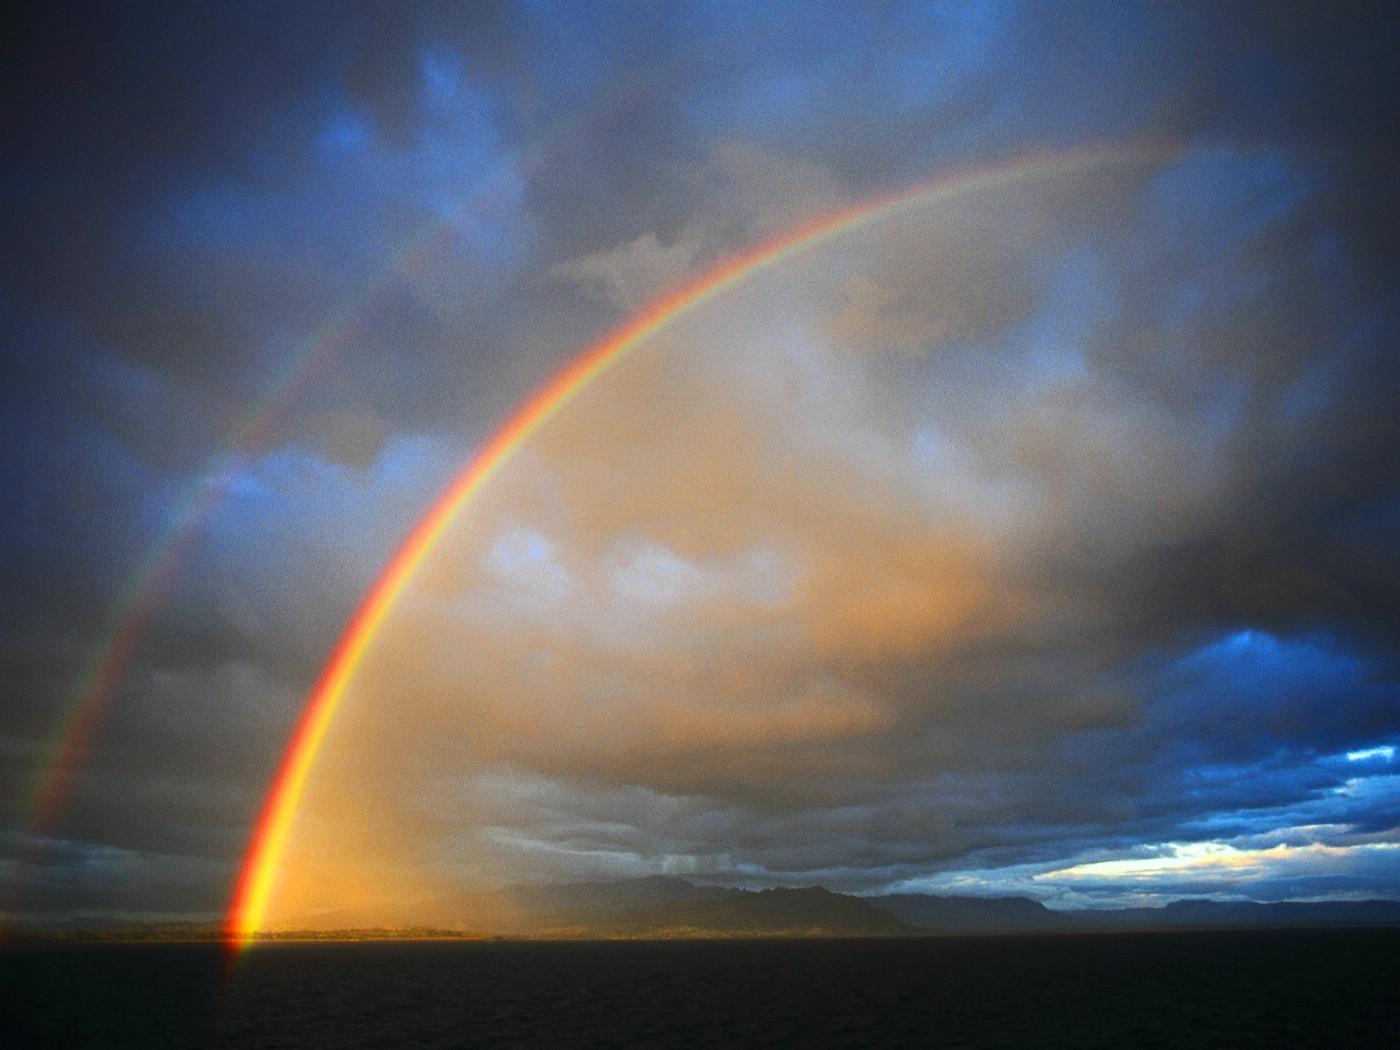 雨后彩虹壁纸图片壁纸壁纸 大自然纯朴之美壁纸图片风景壁纸风景图片